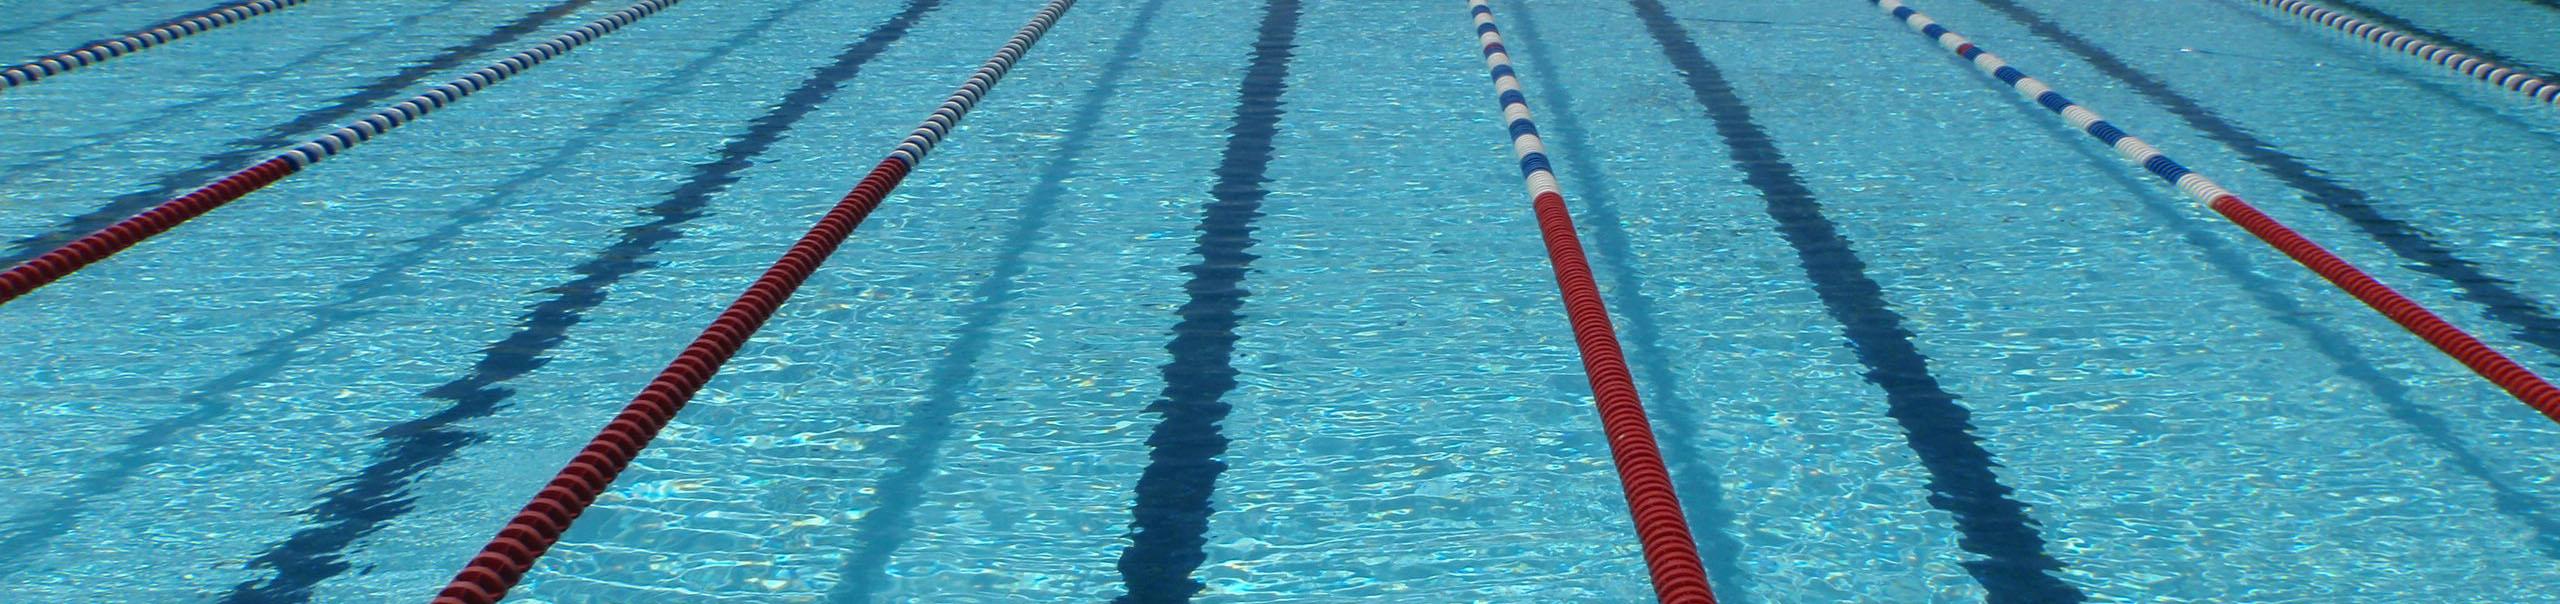 End Of Season Pool Closings